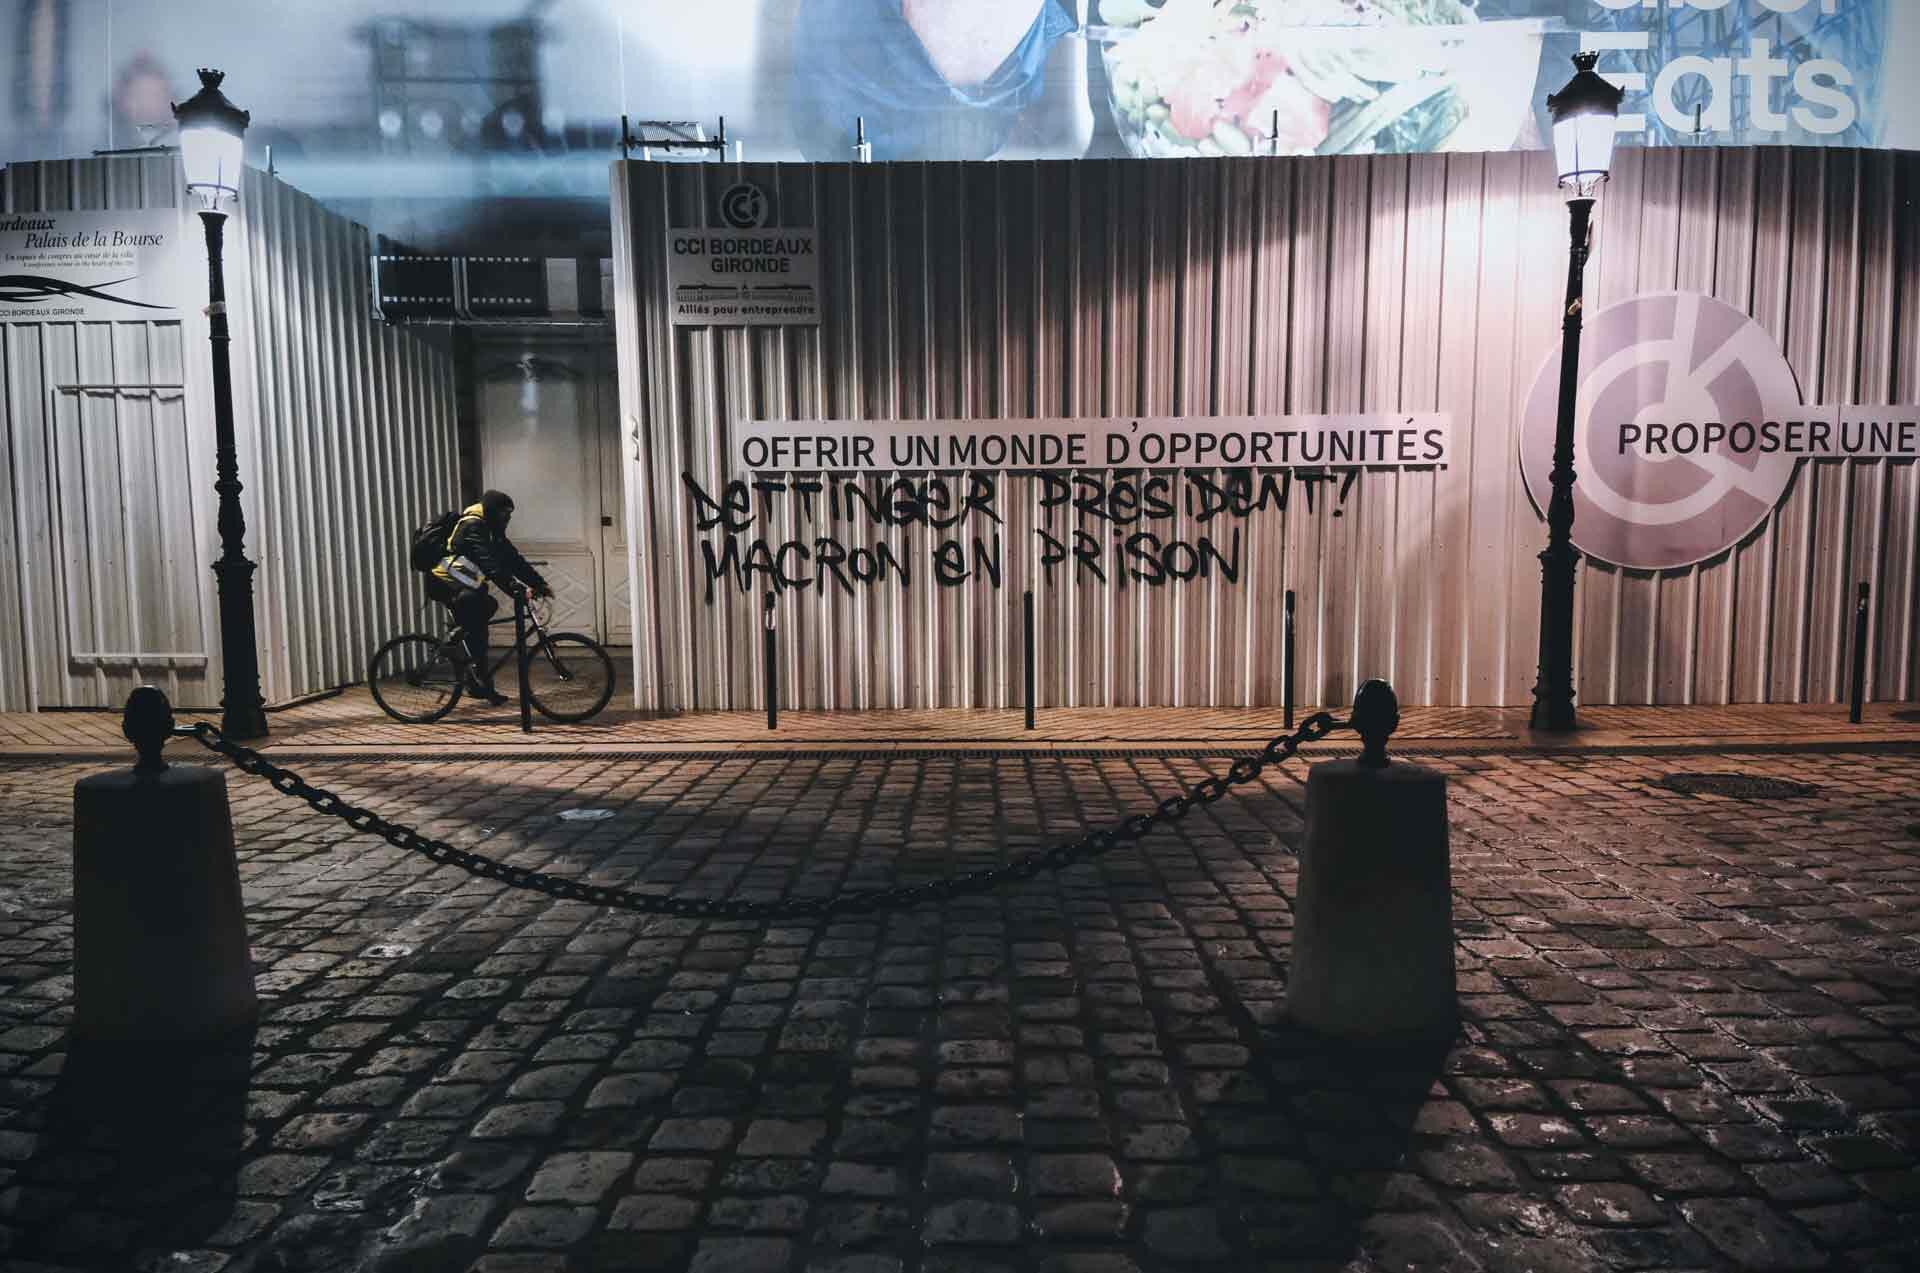 social brutal, violences, violent, revue far ouest, local, documentaire, long formats, sud ouest, bordeaux, manifestations, CRS, Bordeaux, Pey Berland, débordement, politique, affrontements, street medics, croix bleues, soins, blessés, violences policières, pelletier, anarchie, situationnisme, graffiti